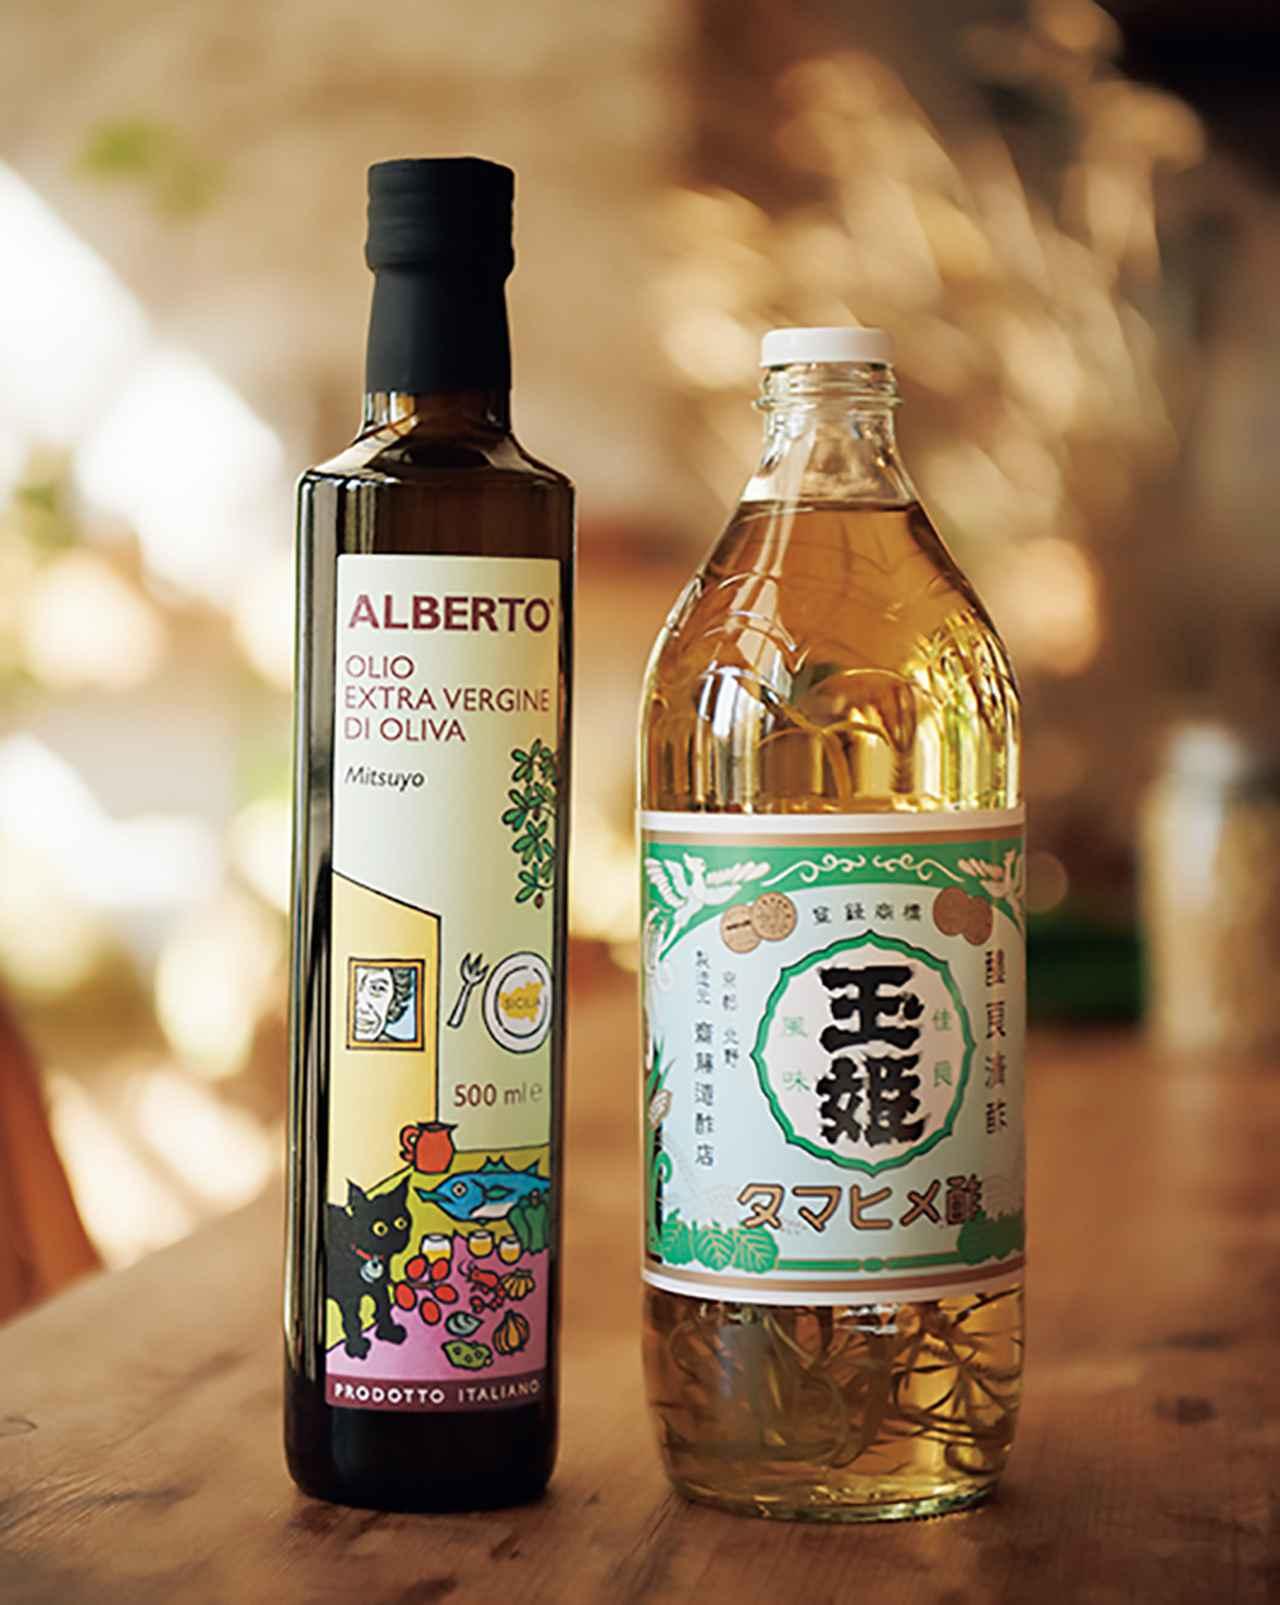 Images : 5番目の画像 - 「食文化研究家・北村光世 これからの日々を健やかに 生き抜く知恵<後編>」のアルバム - T JAPAN:The New York Times Style Magazine 公式サイト